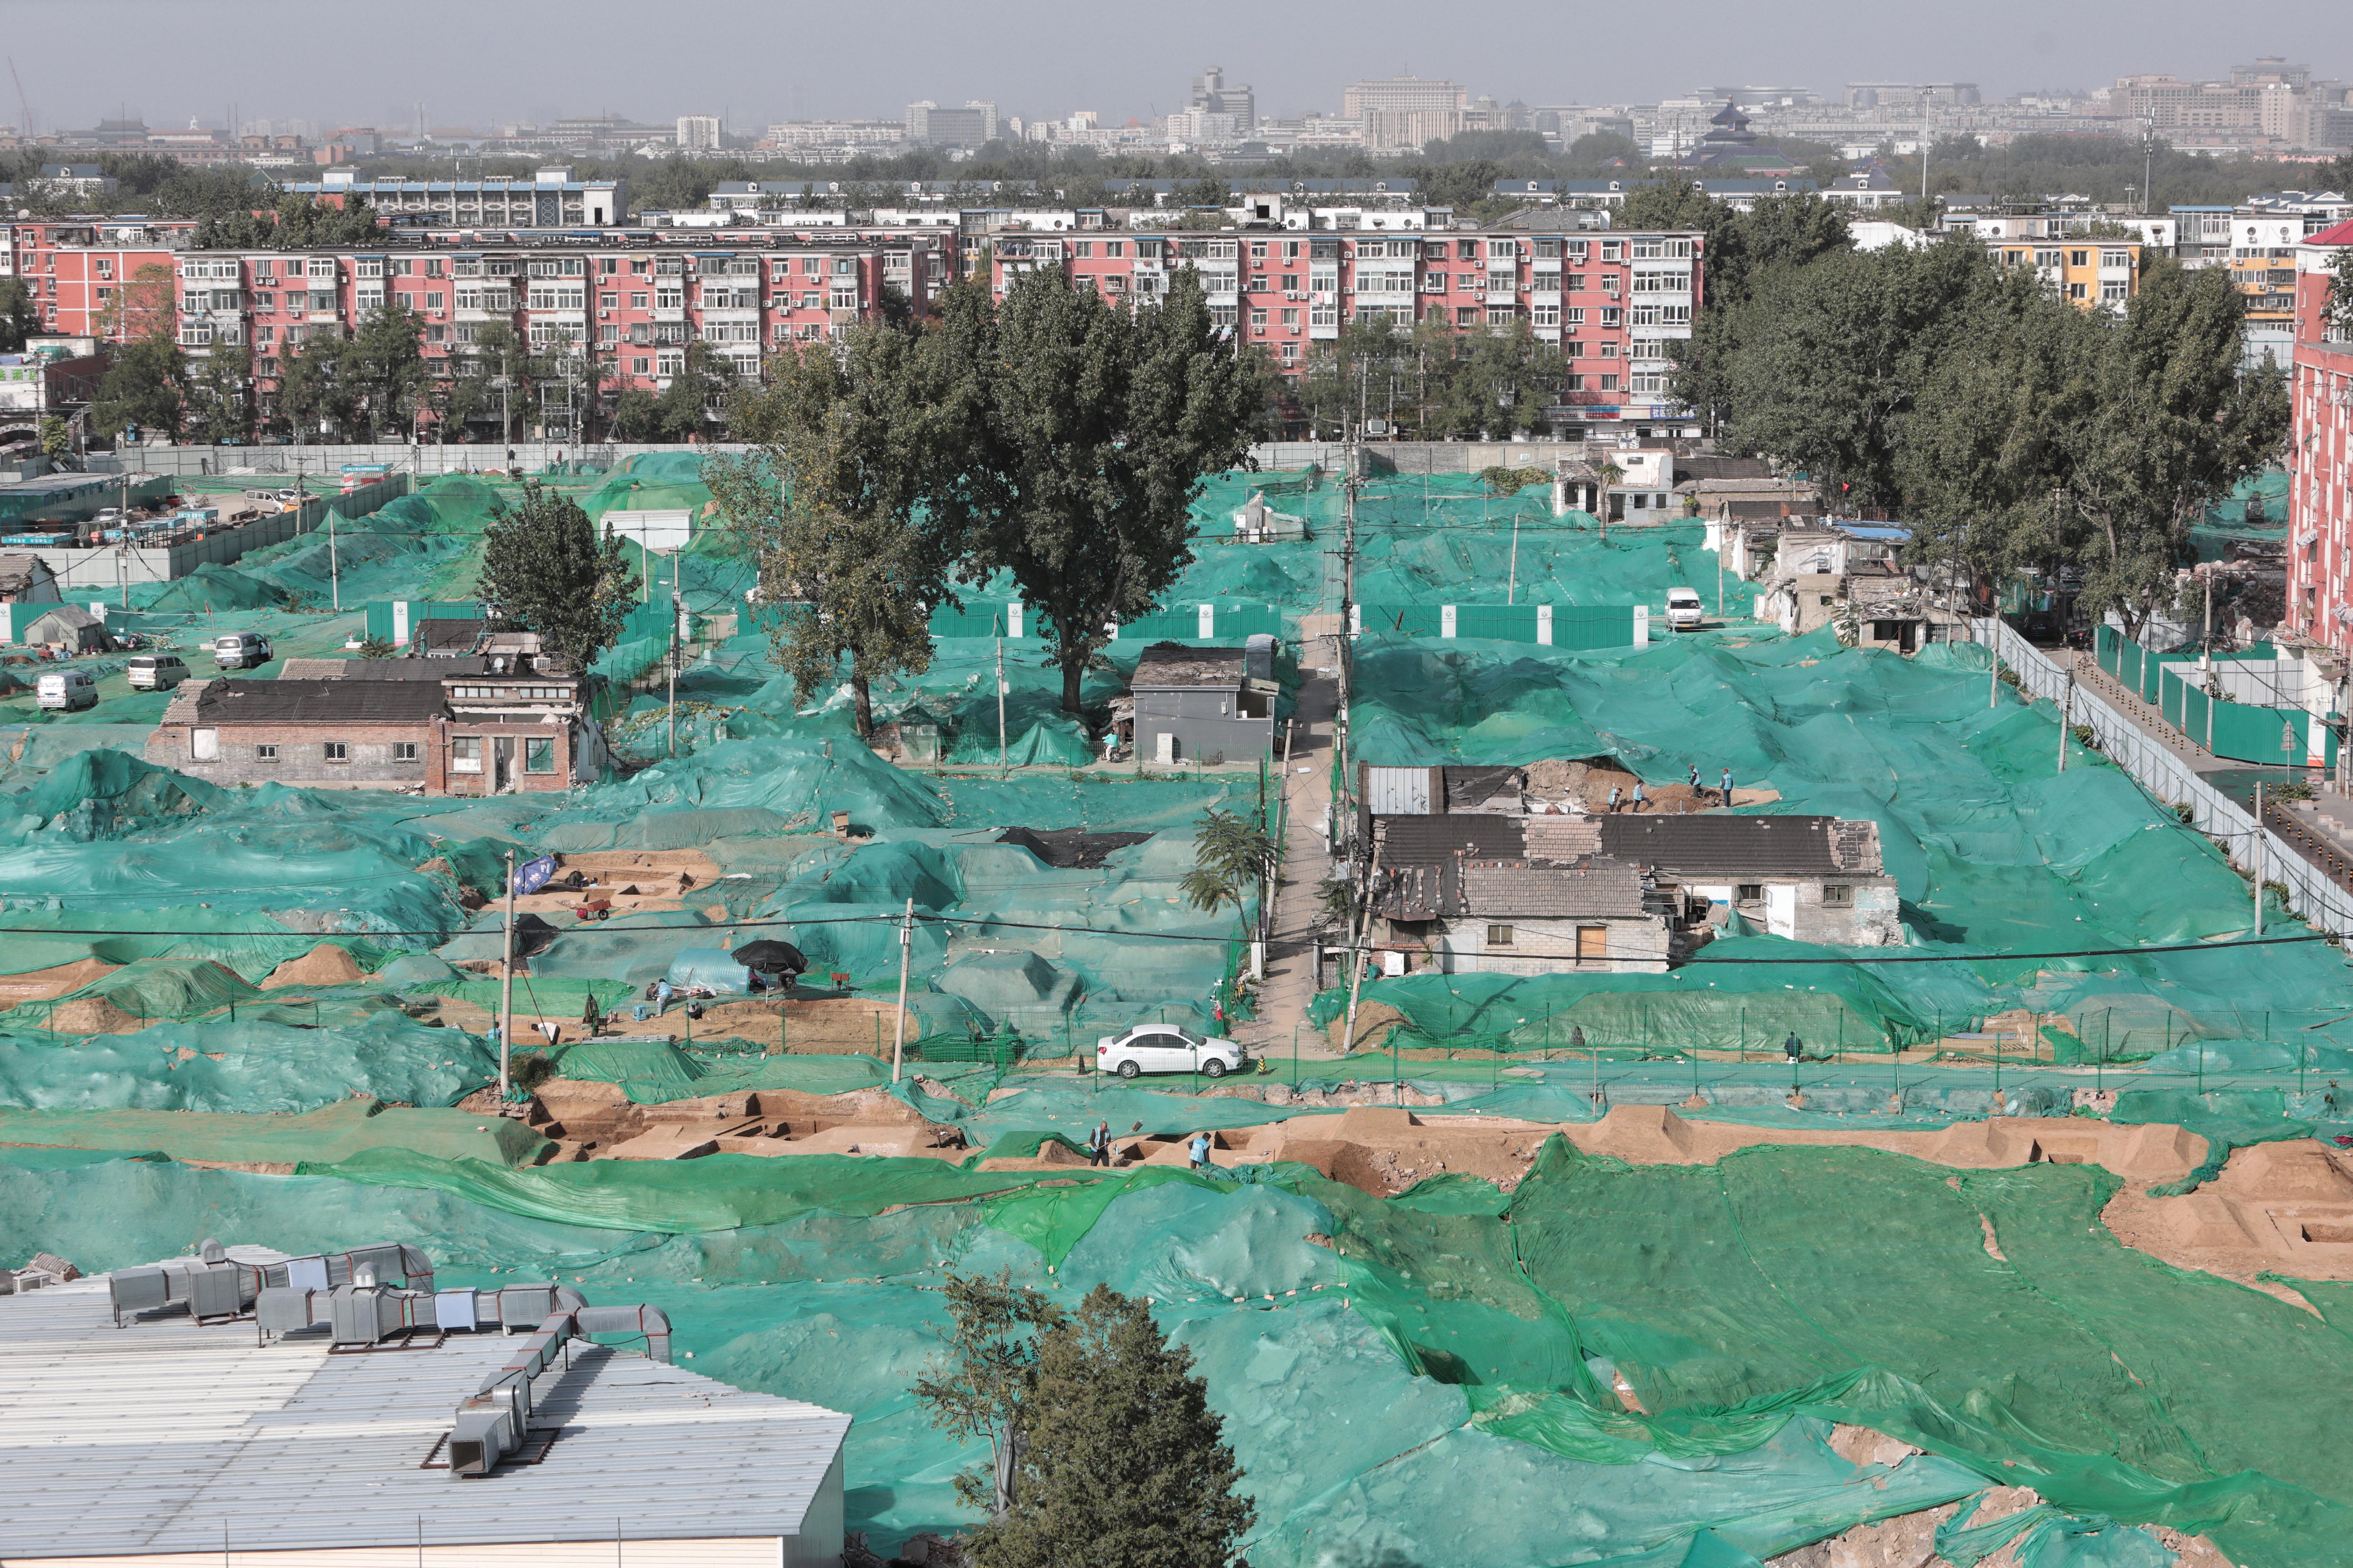 14号线景泰站北工地现古墓,为明清时期普通墓葬